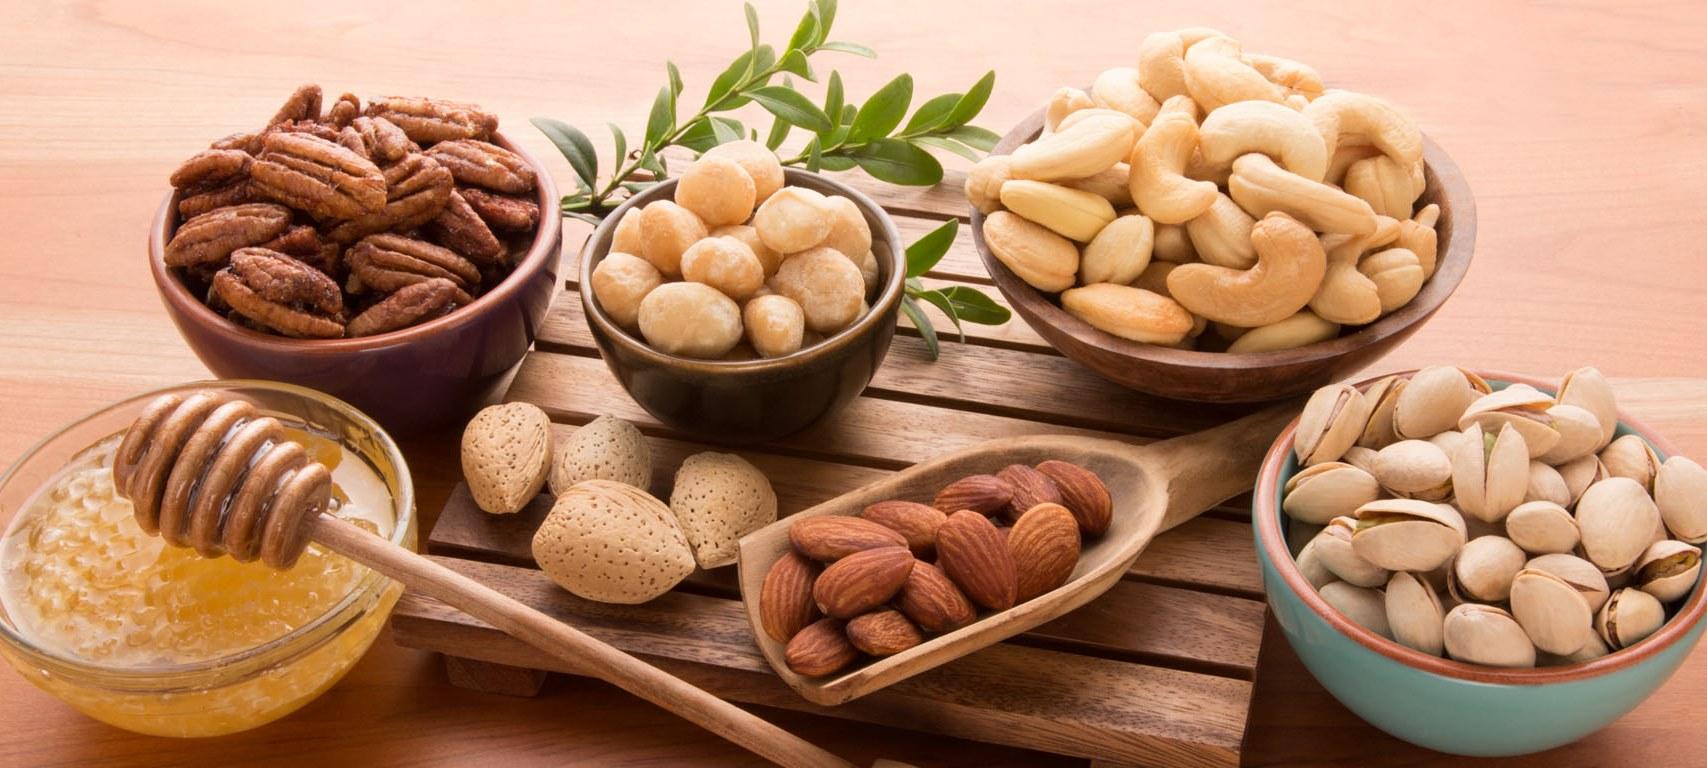 Употребление орехов в период беременности: польза или вред?